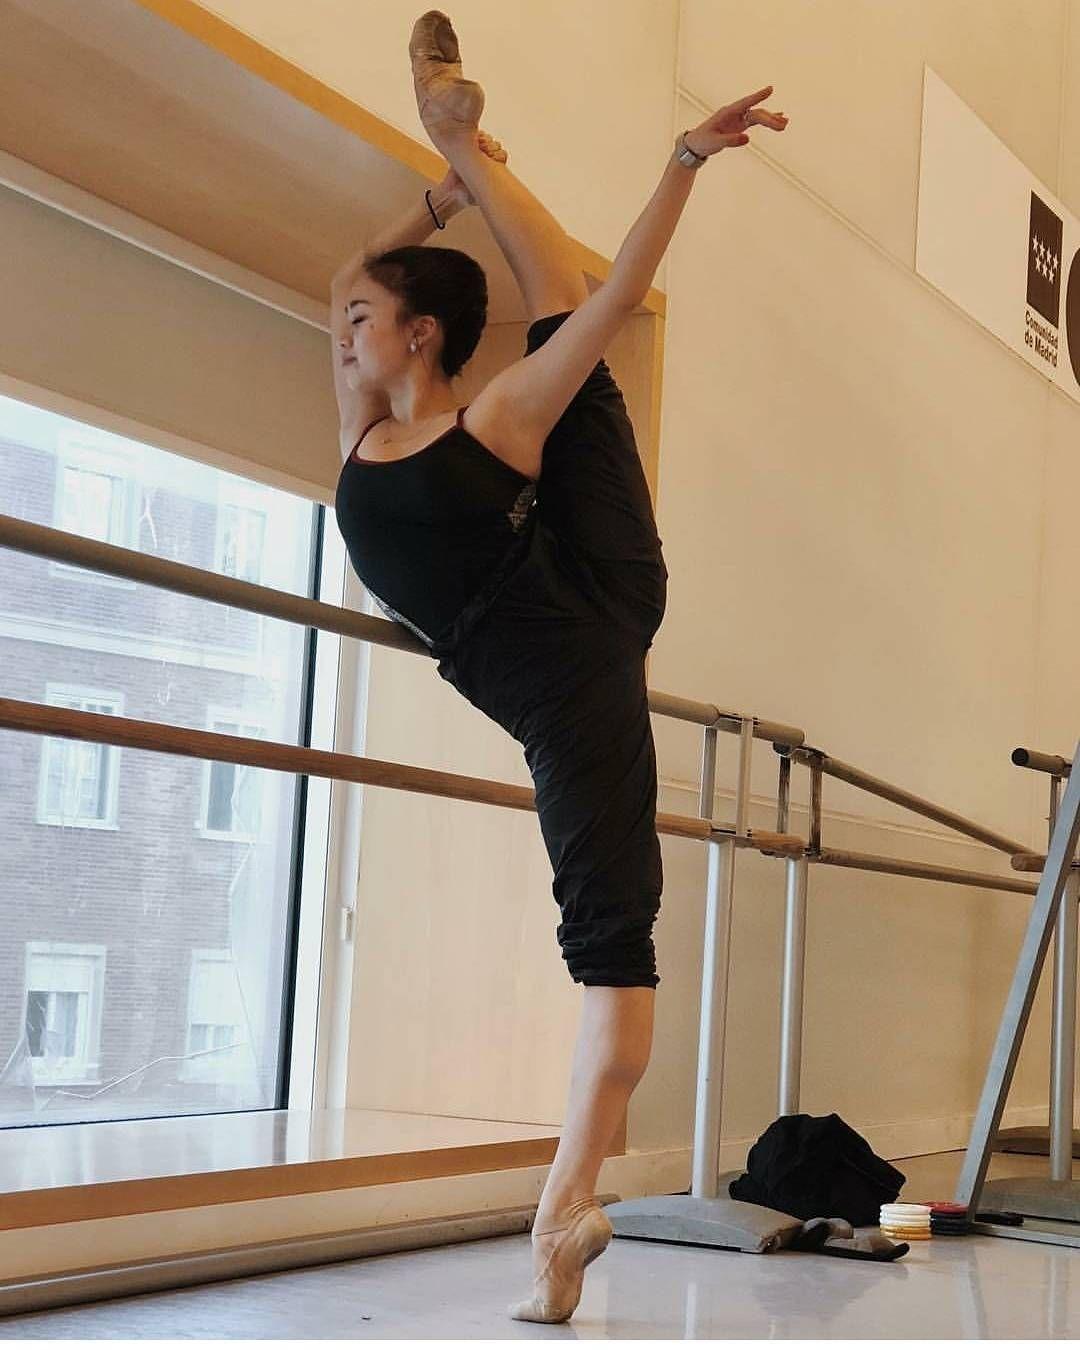 ударной реальная съемка тренировки балерины самом